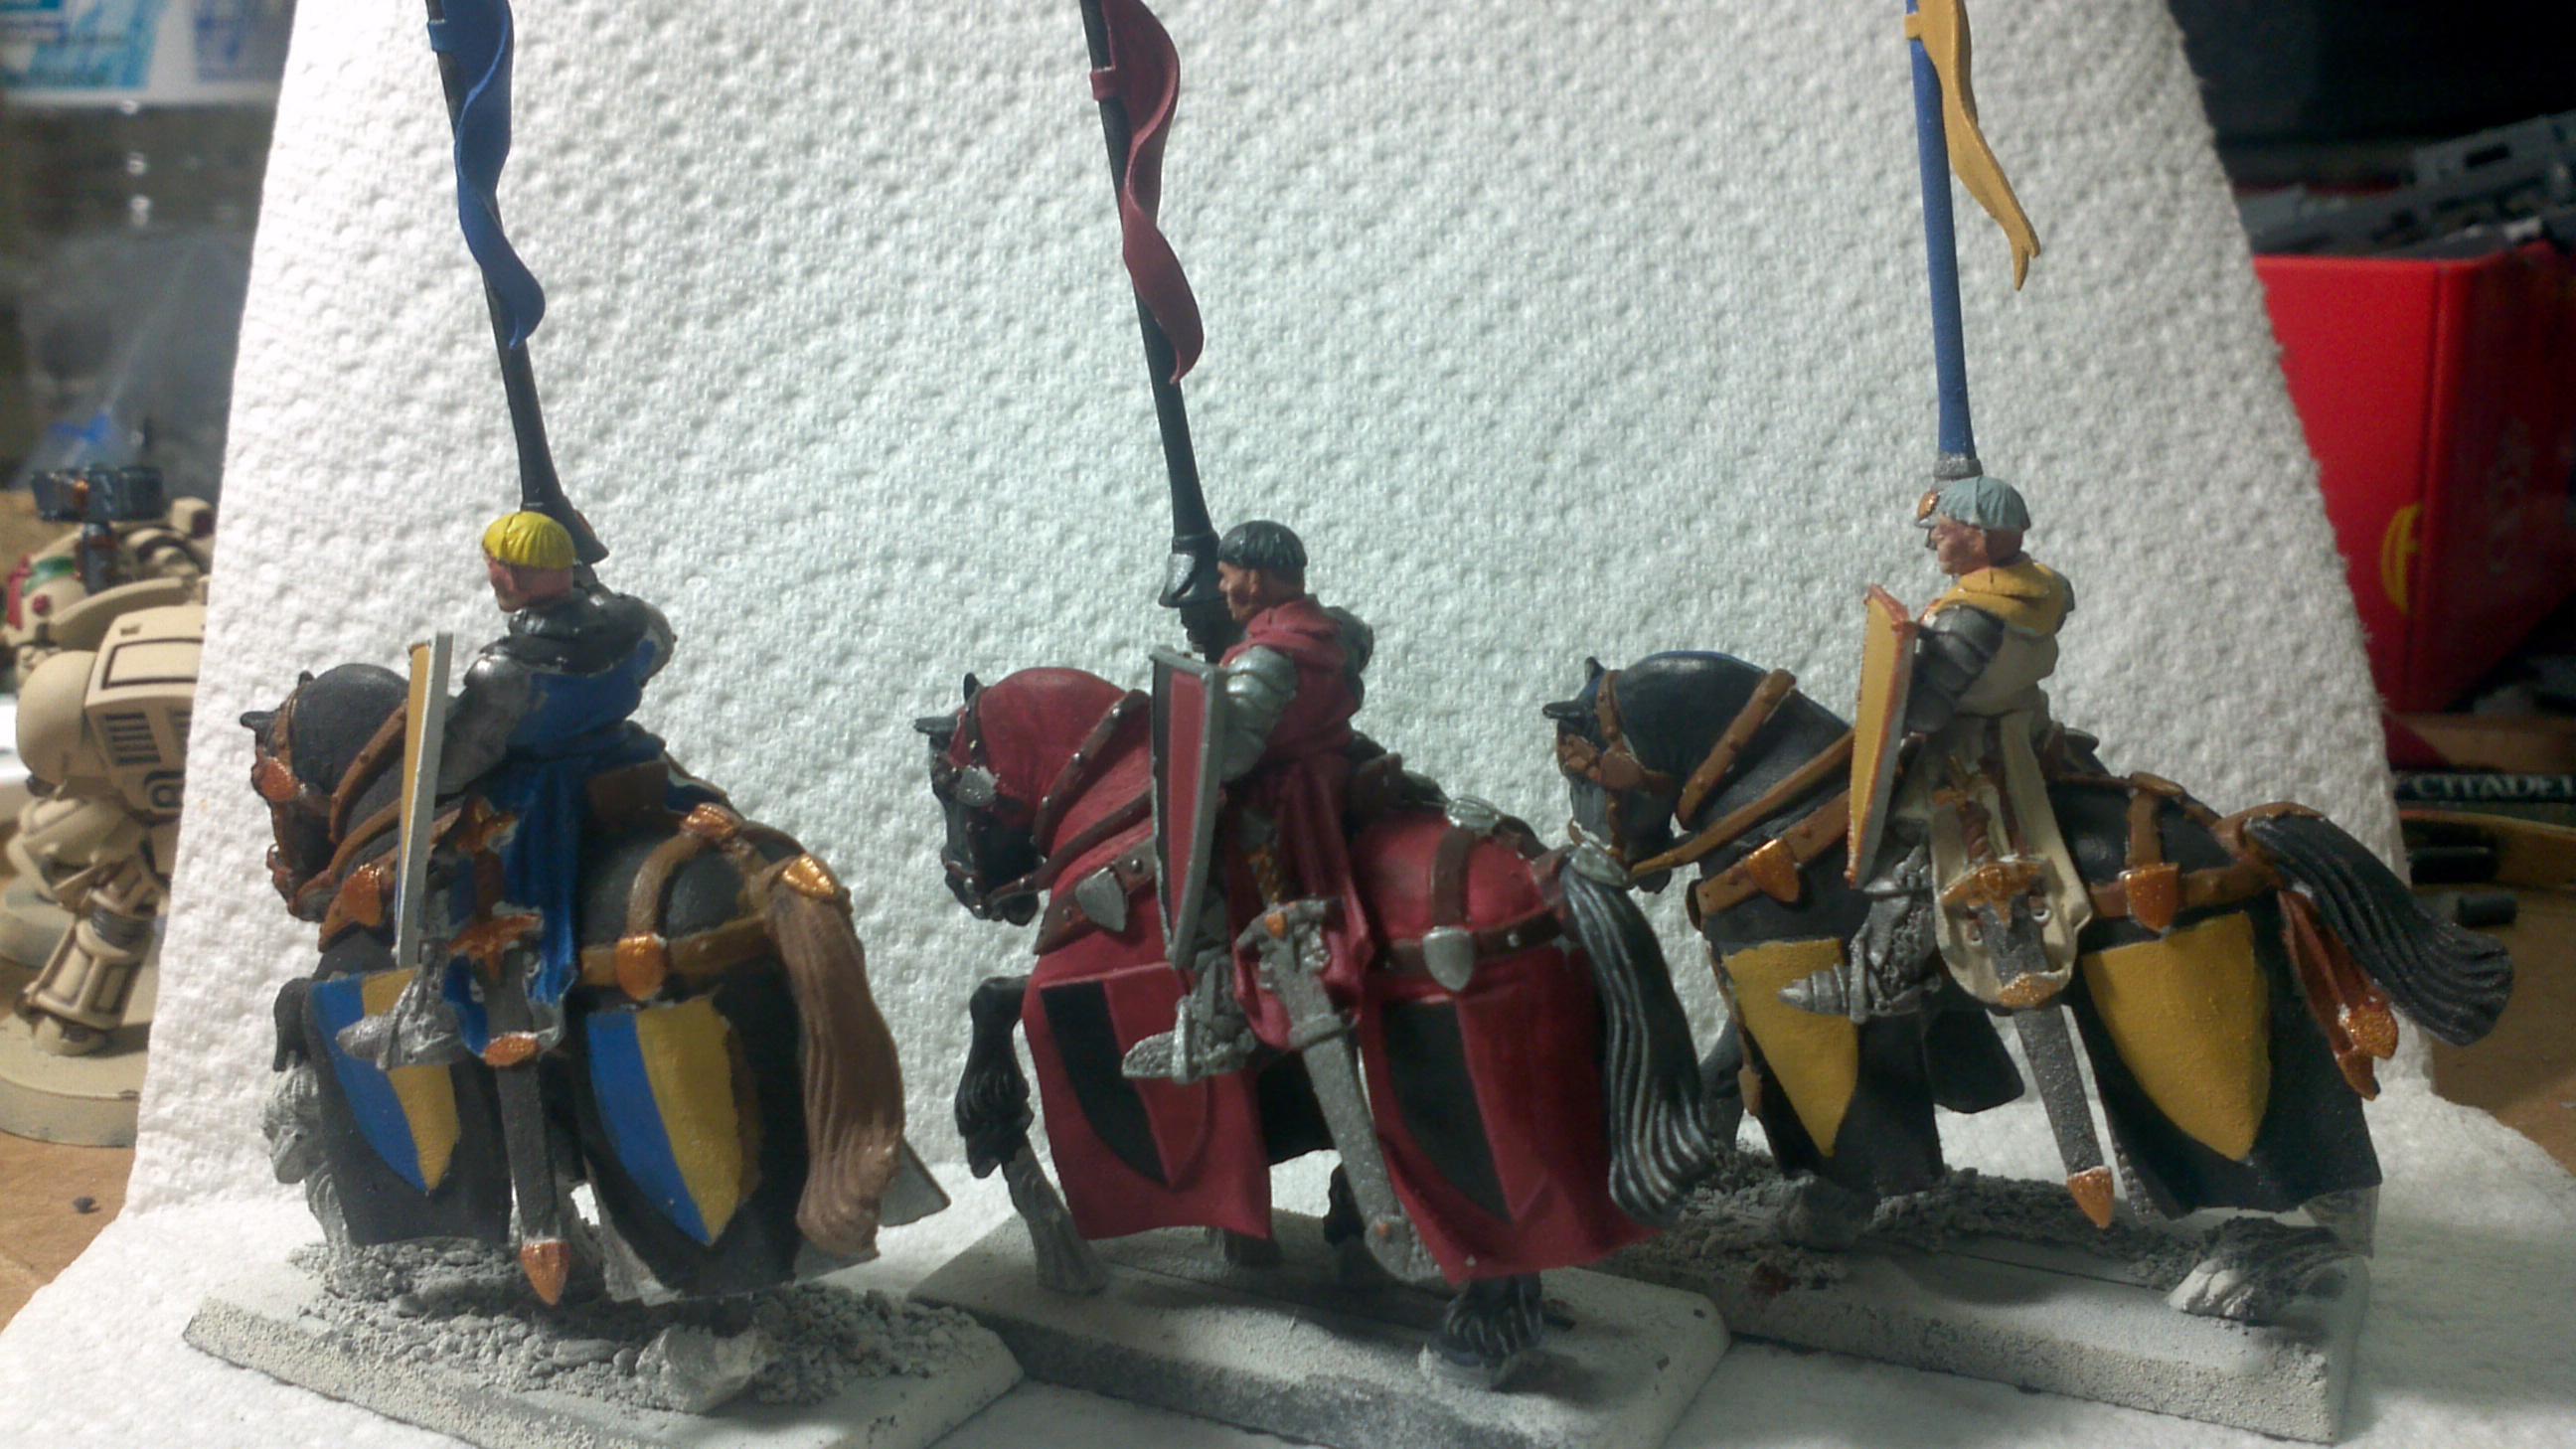 Knights, Warhammer Fantasy, Work In Progress